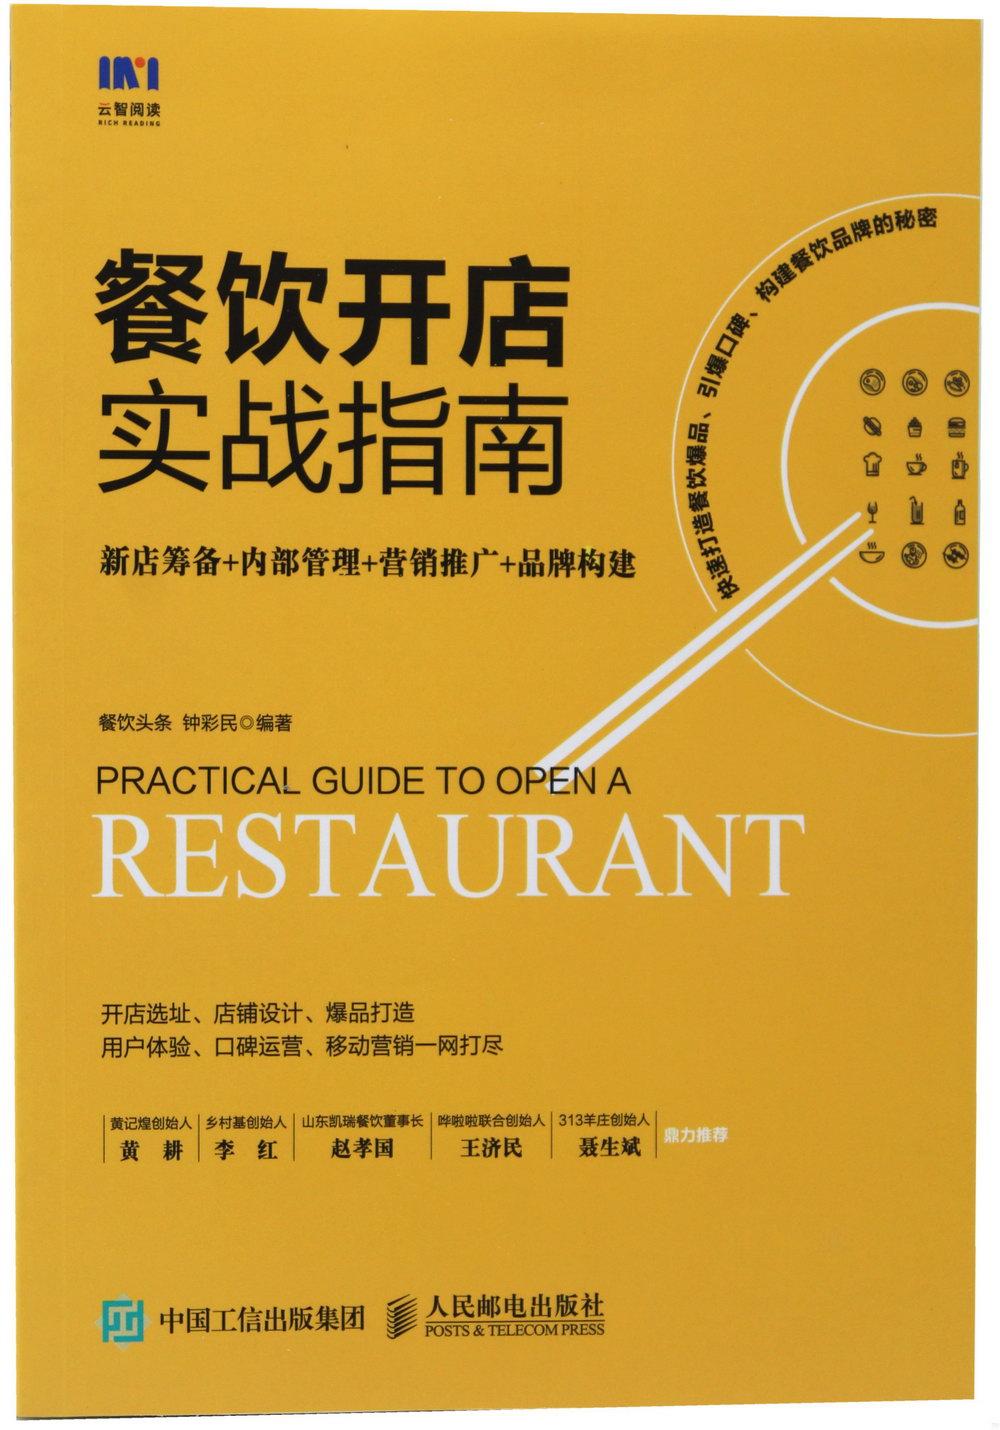 餐飲開店實戰指南:新店籌備+內部管理+營銷推廣+品牌構建